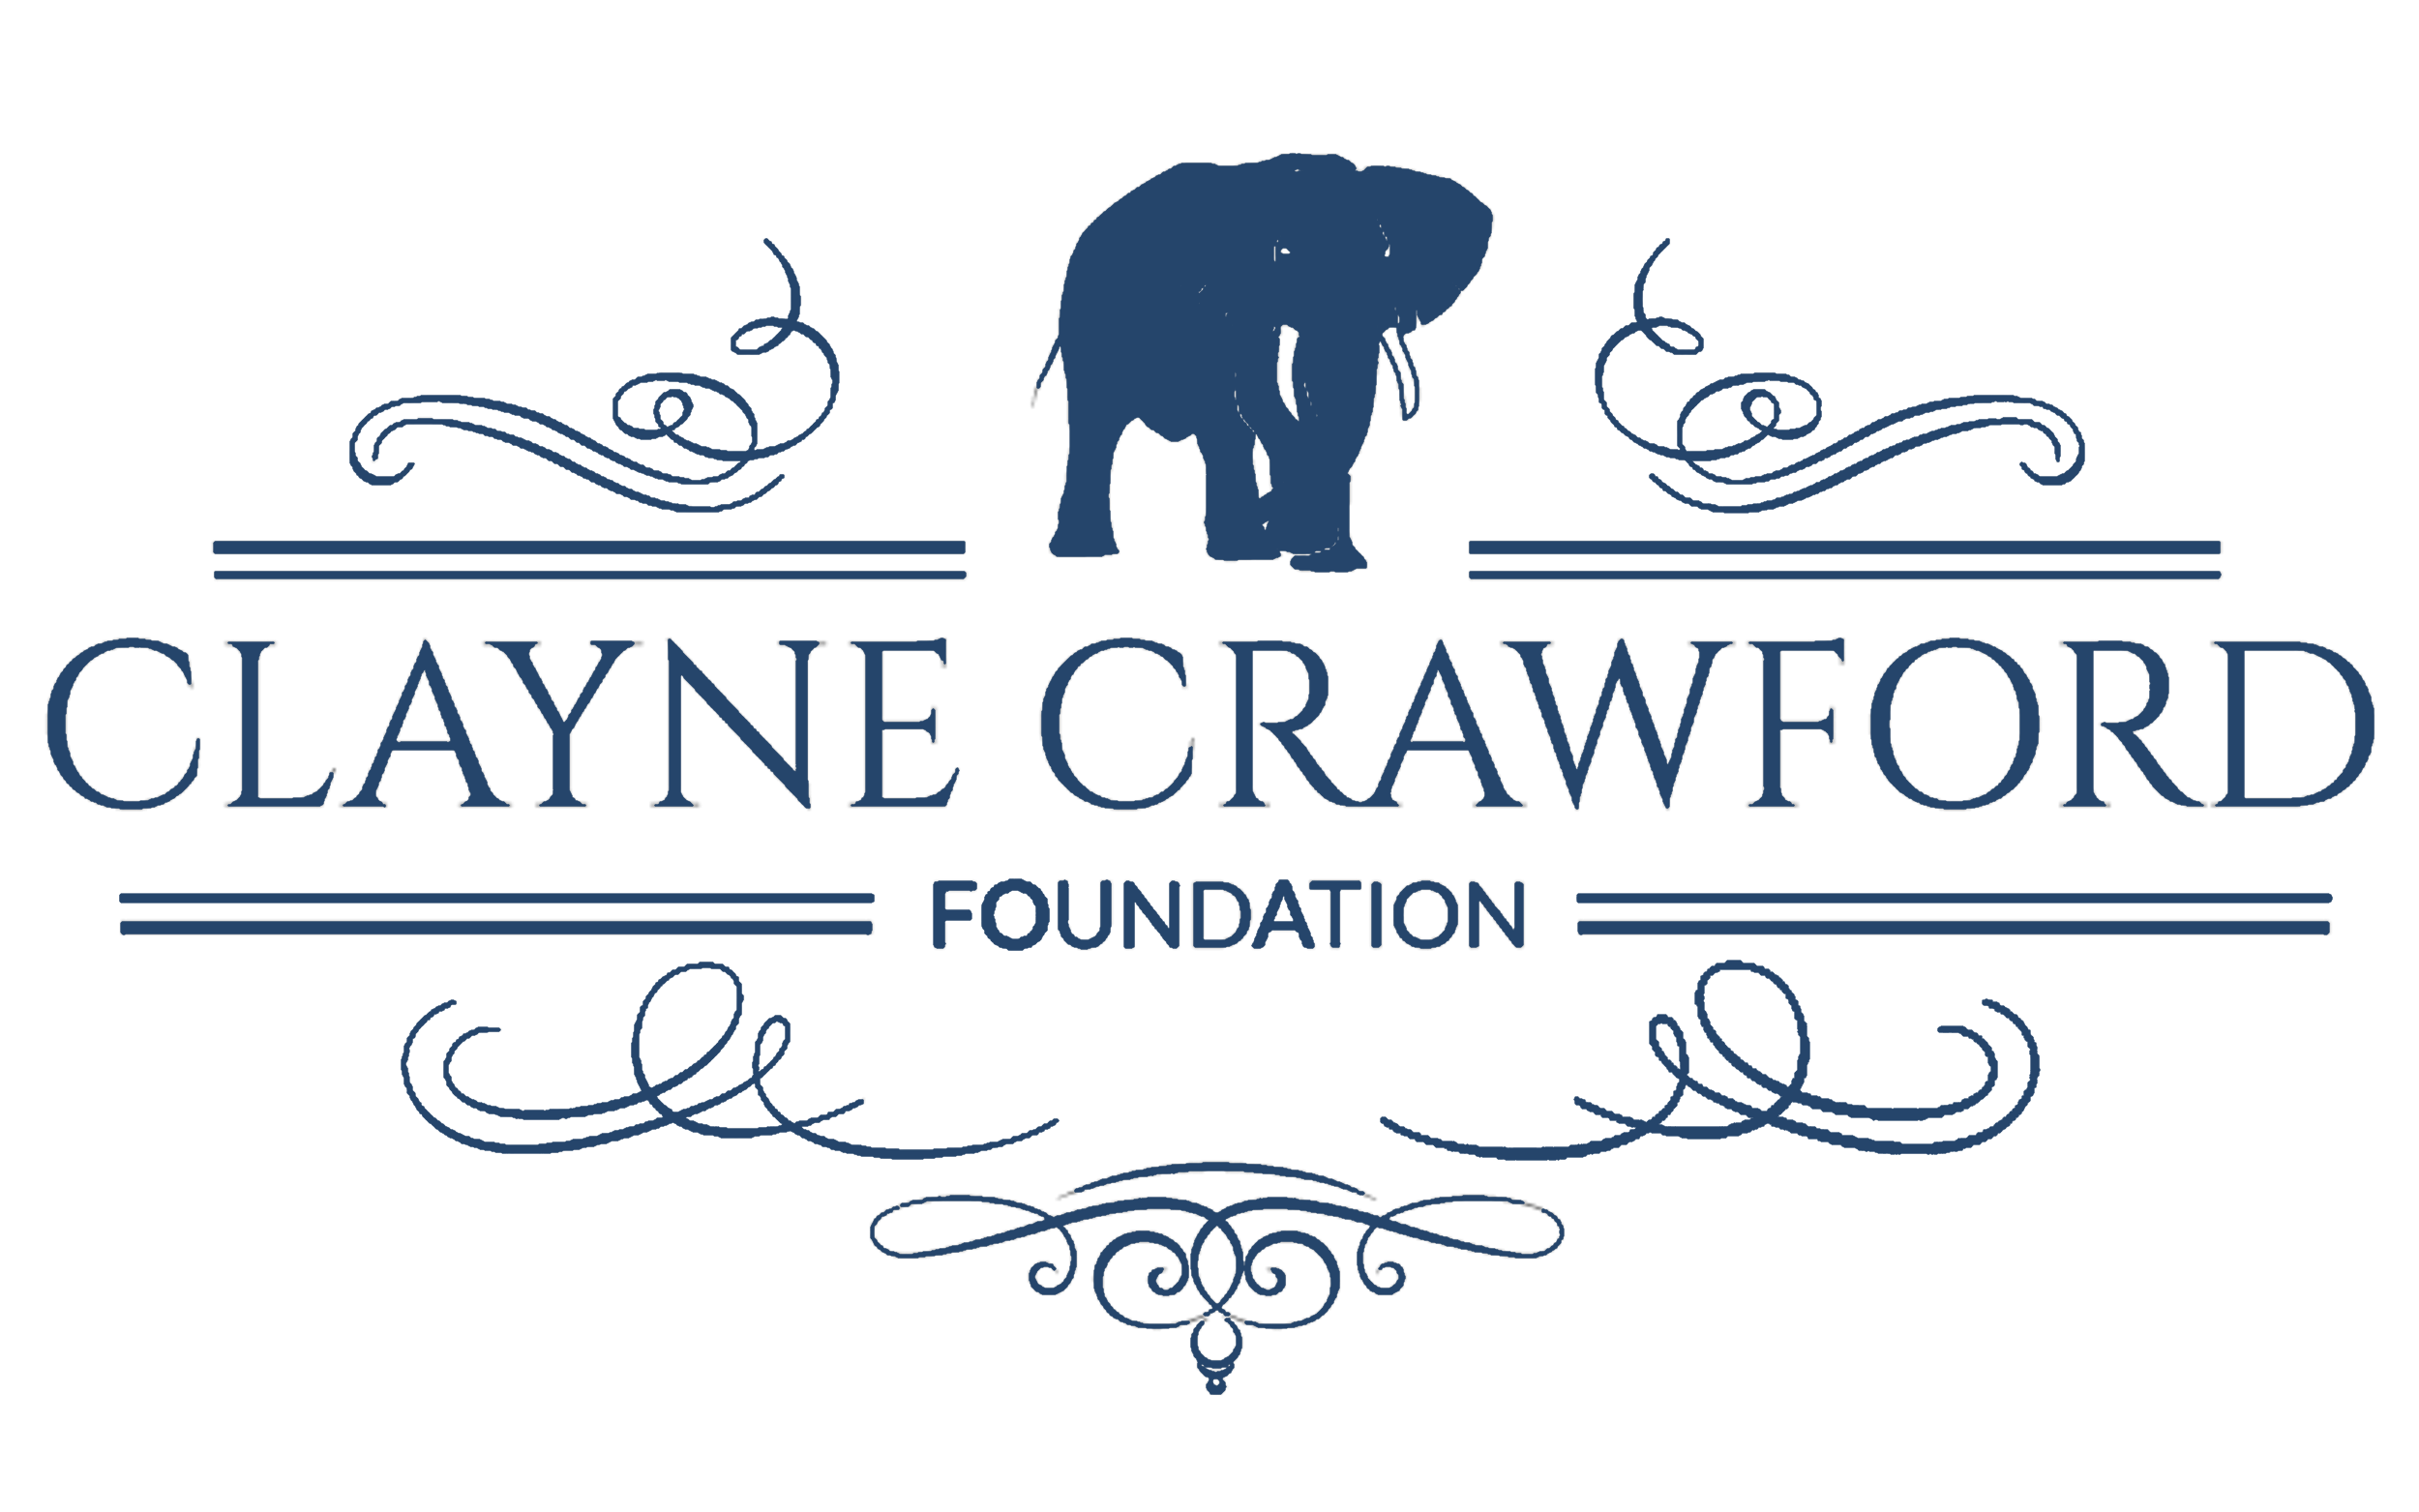 c-crawford-logo-blue2.png